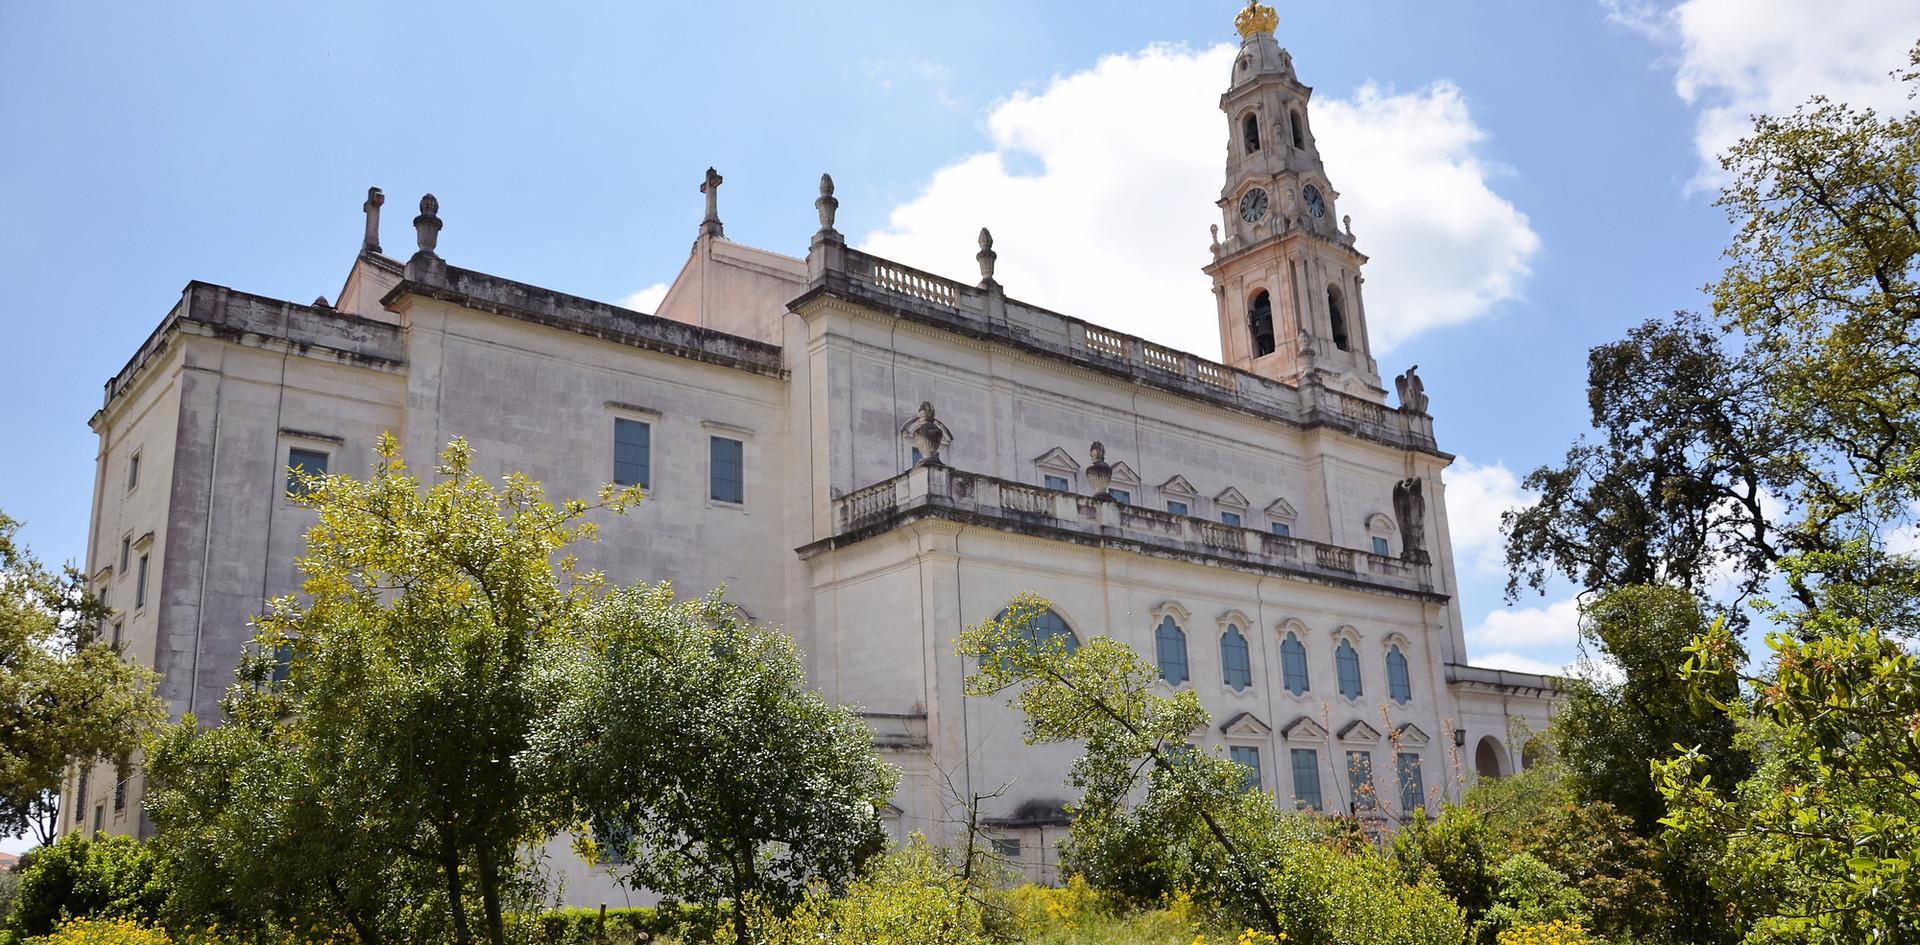 Fatima basilica shutterstock_622752281.j